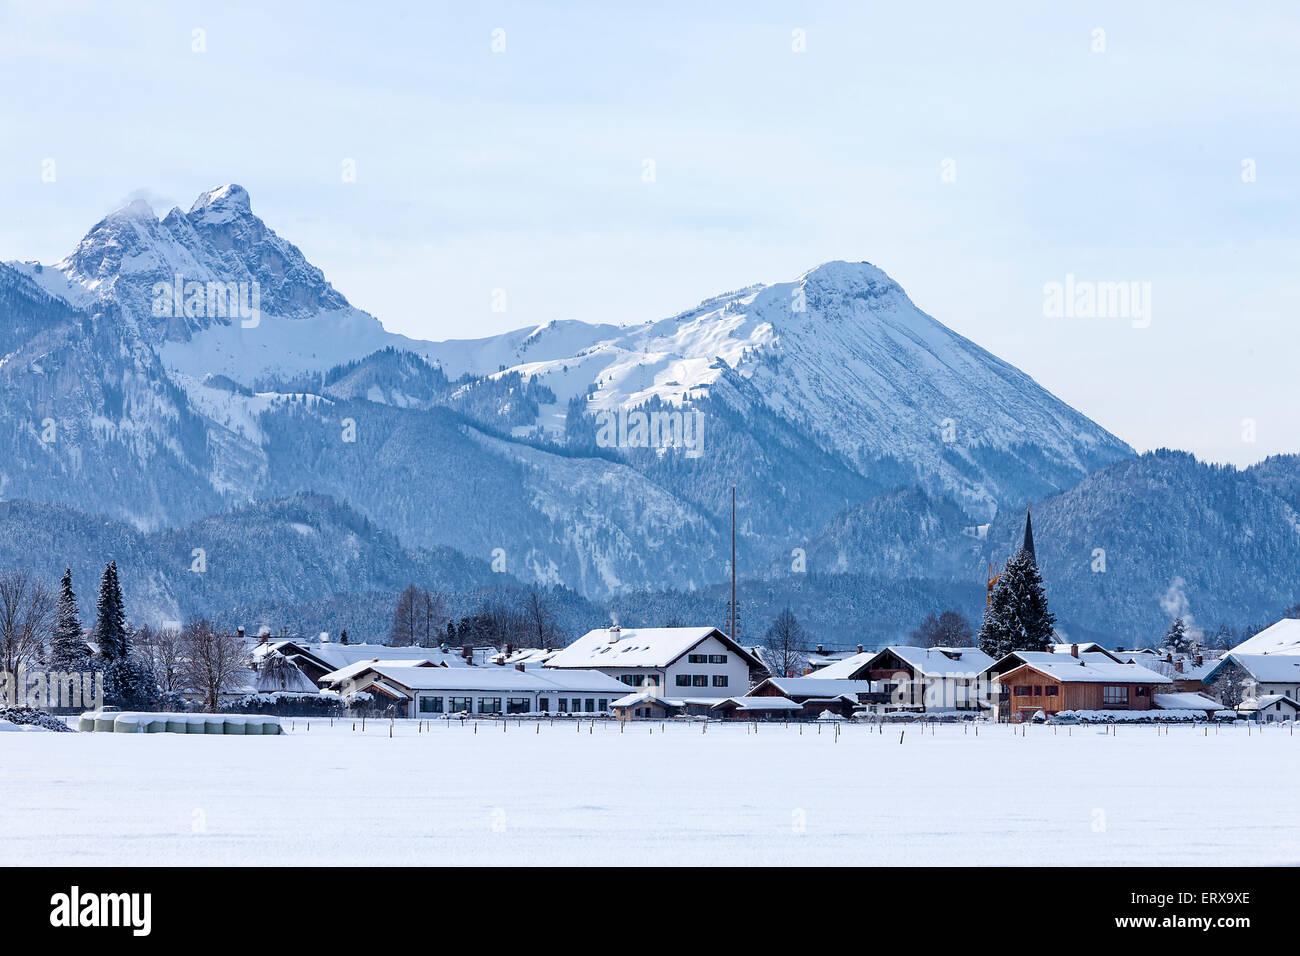 ski resort-dorf in deutschland alpen mit schnee stockfoto, bild